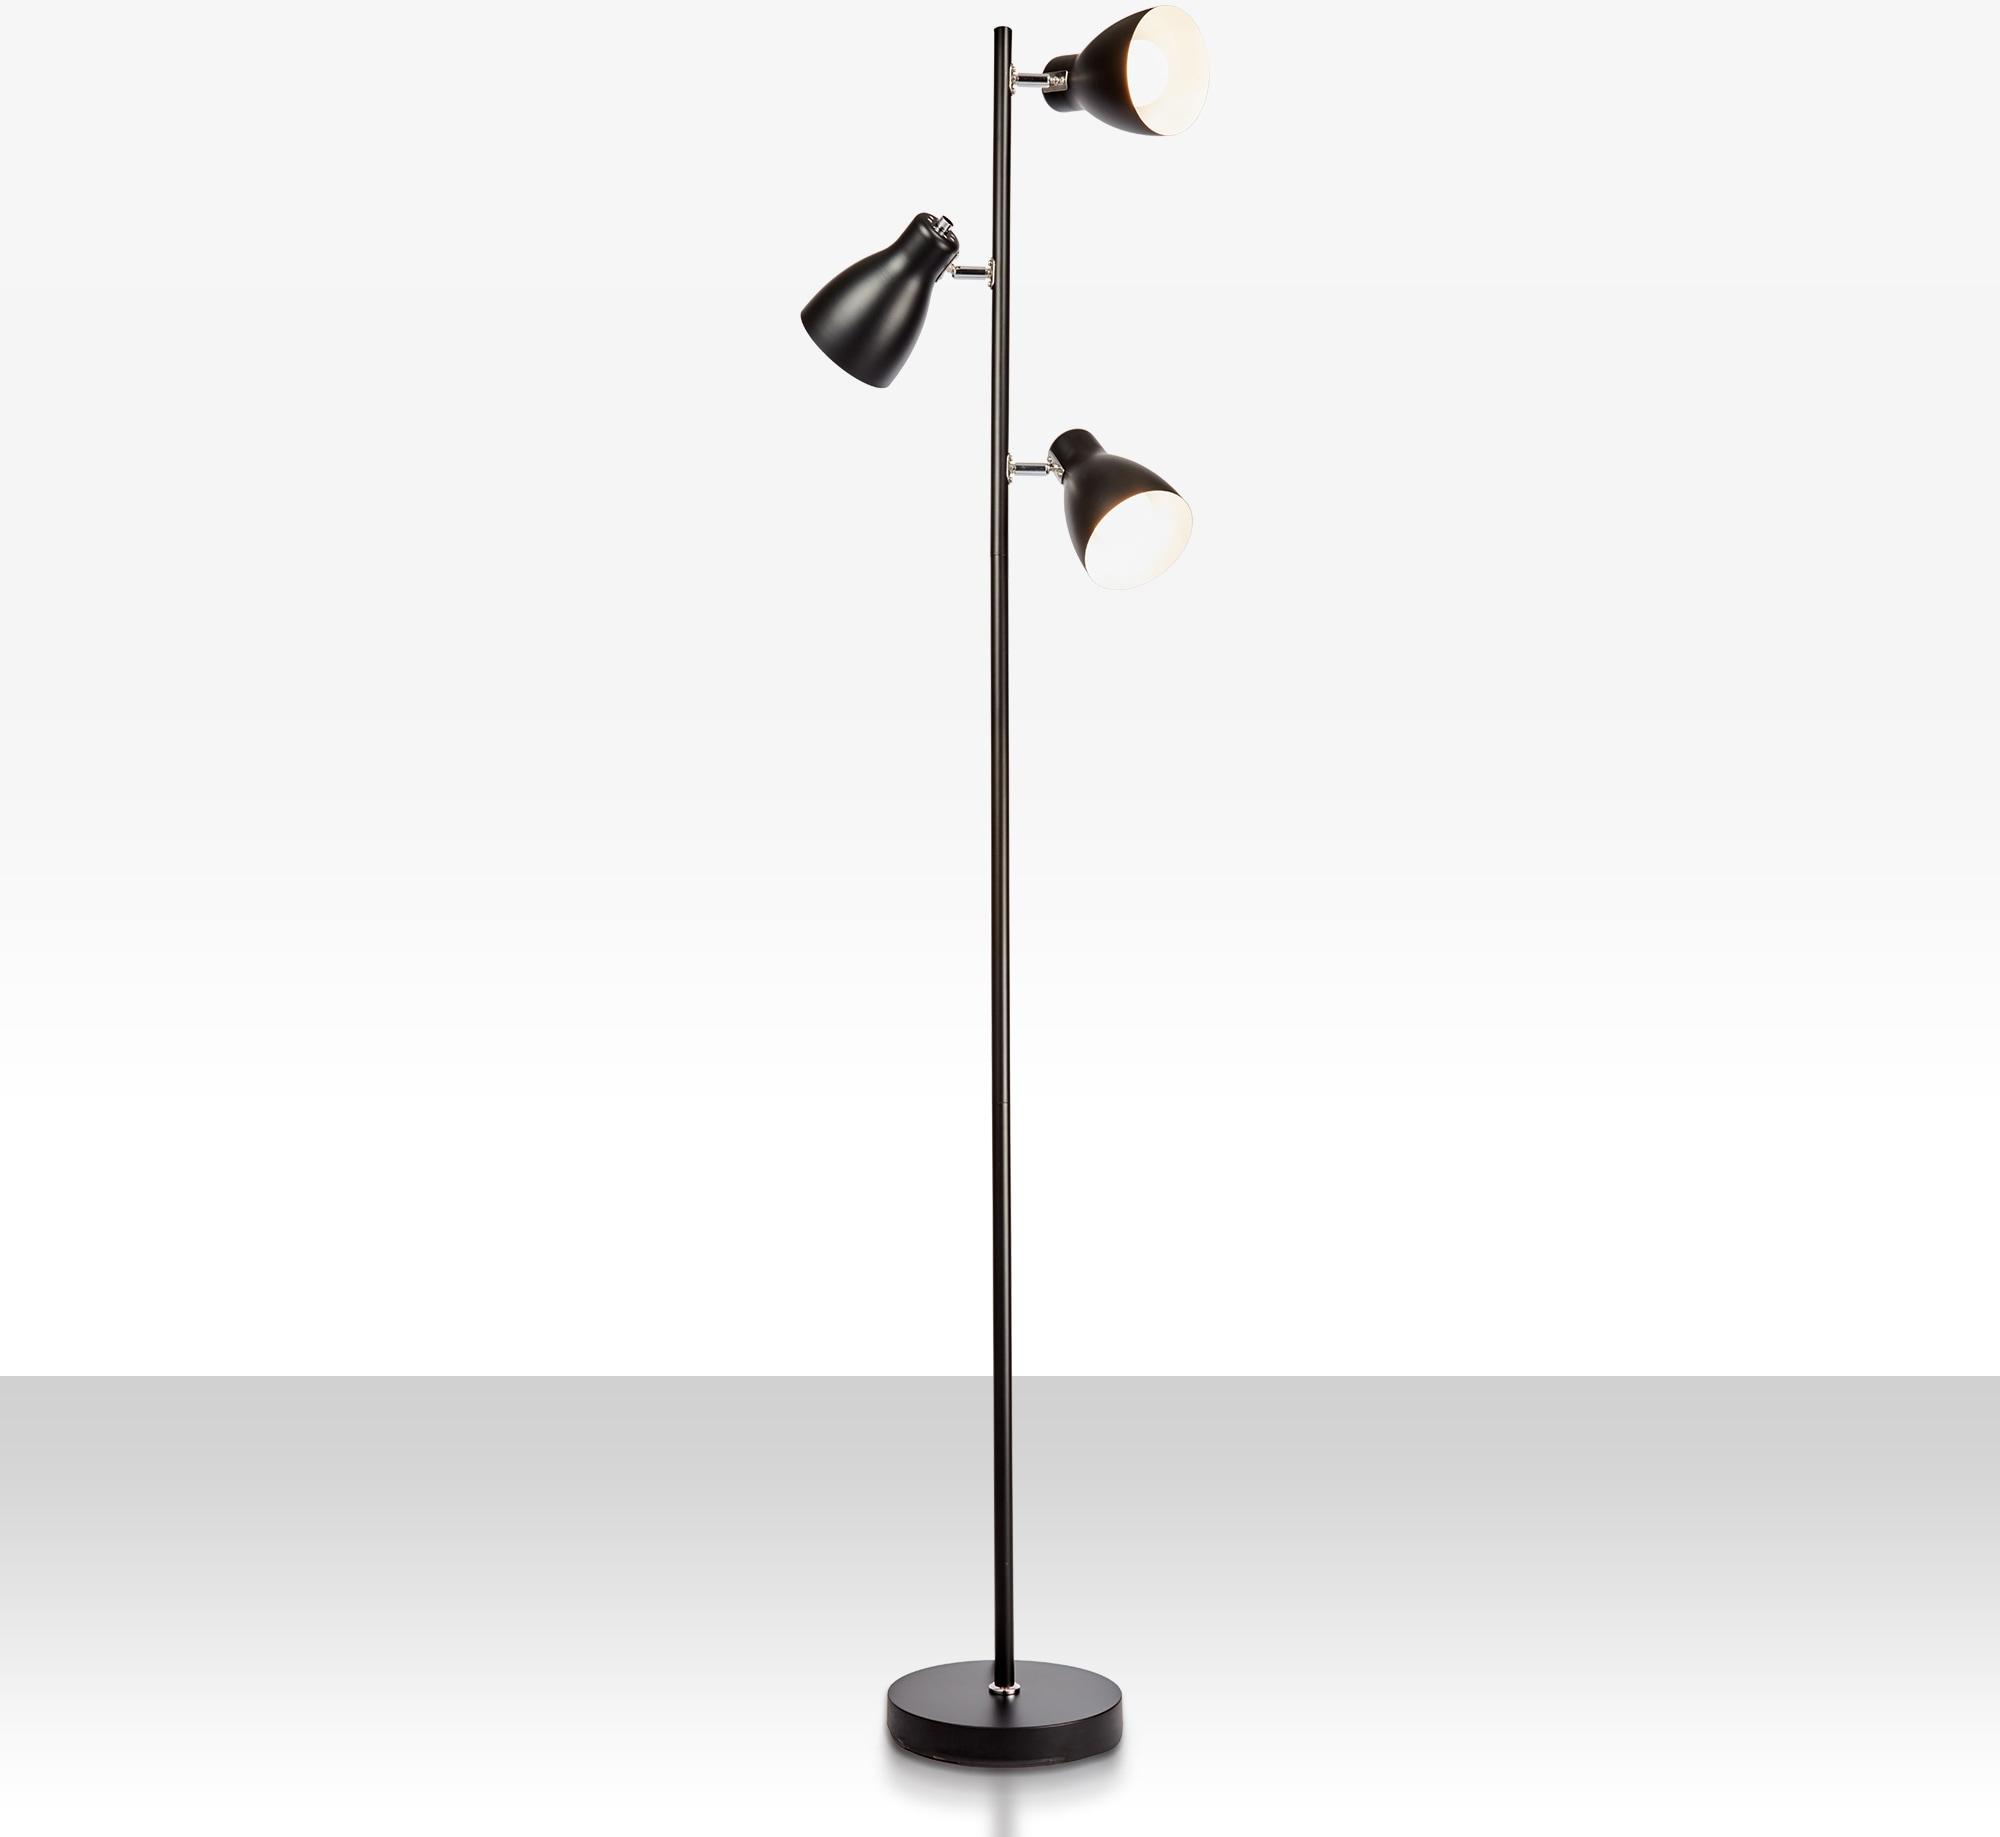 B.K.Licht Stehlampe, E27, LED Design Stehleuchte Metall Deckenfluter Leuchte schwenkbar E27 schwarz